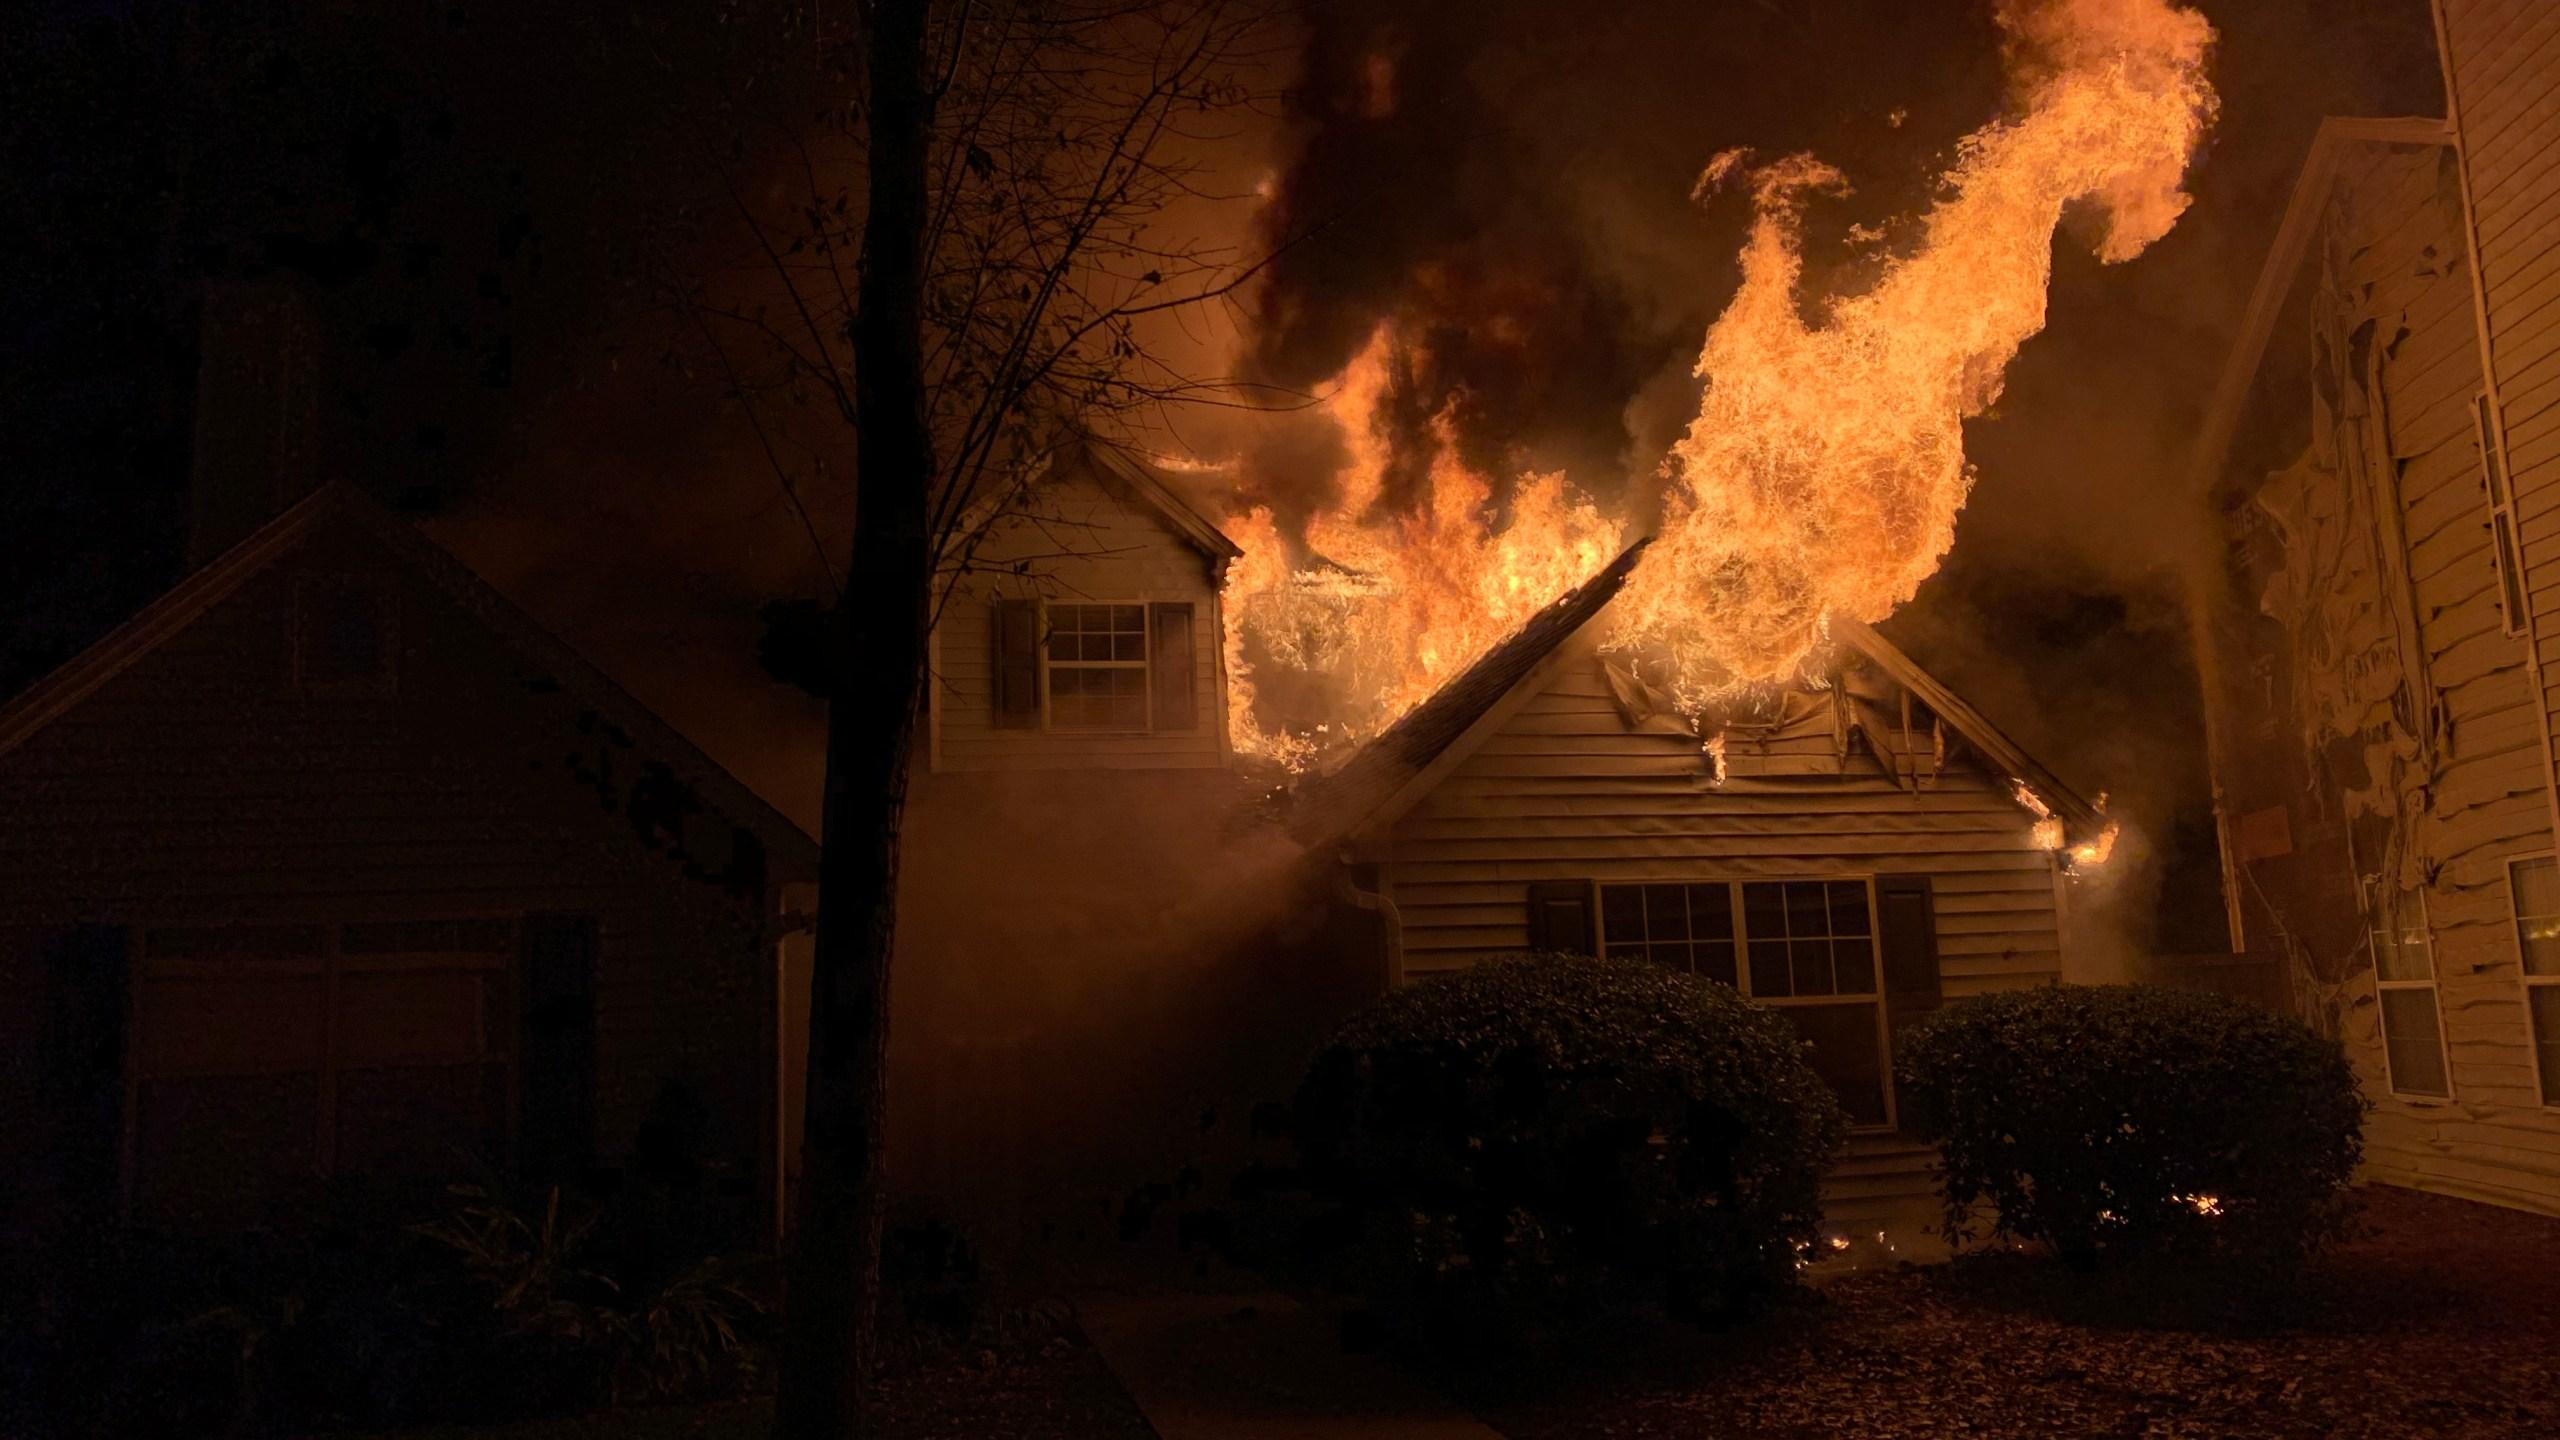 CASSIDY COURT APARTMENT FIRE_1552550674360.jpeg.jpg